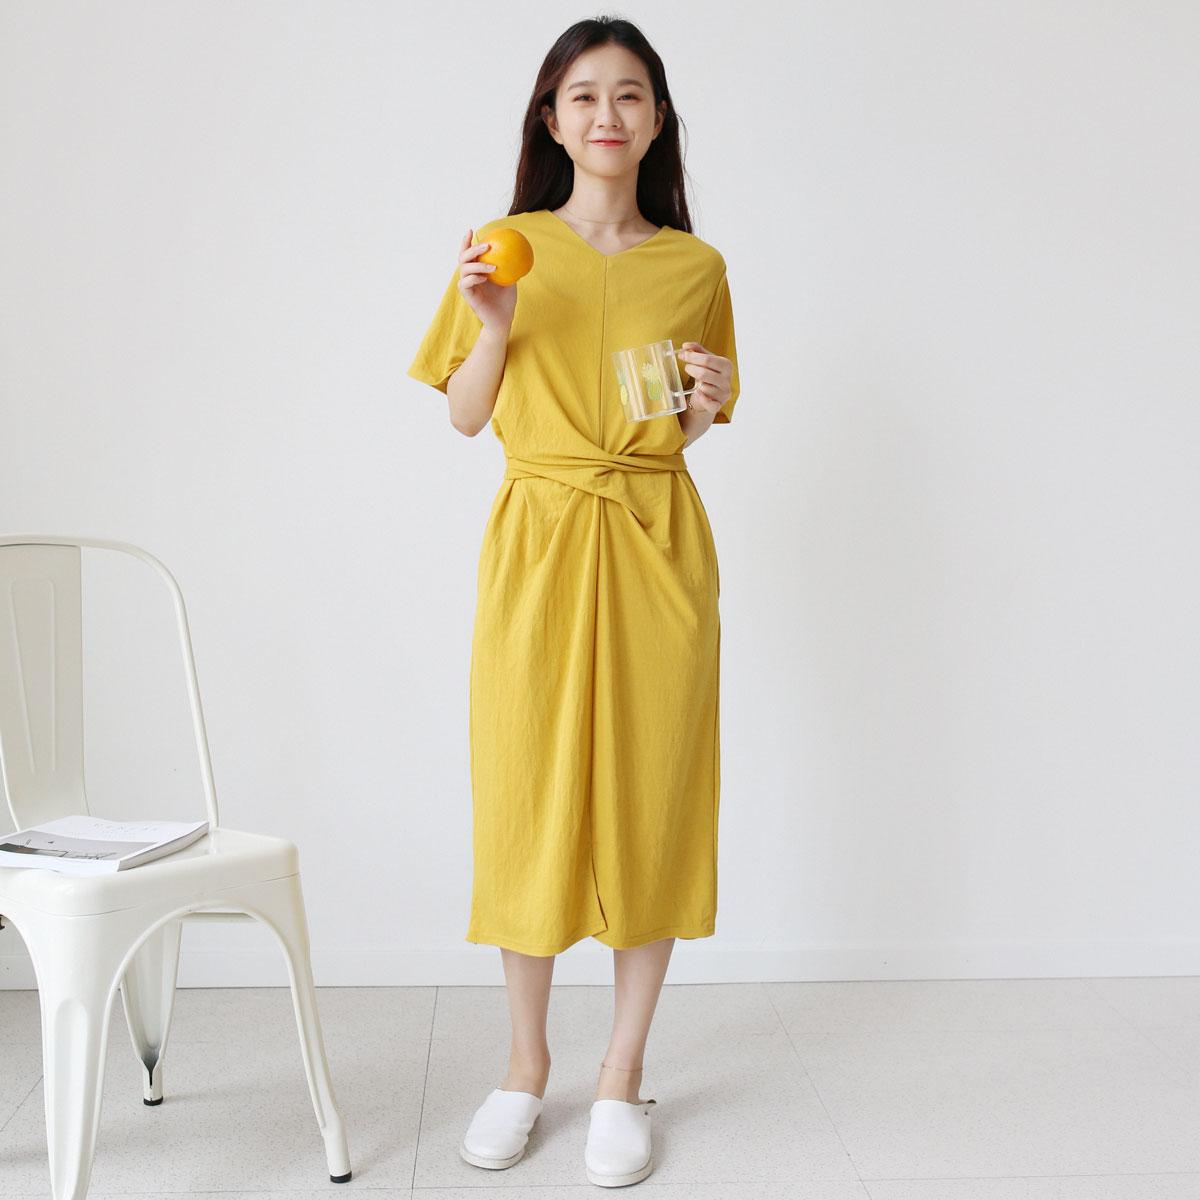 三木 设计 纯色 领收 系带 连衣裙 短袖 裙子 夏季 新款